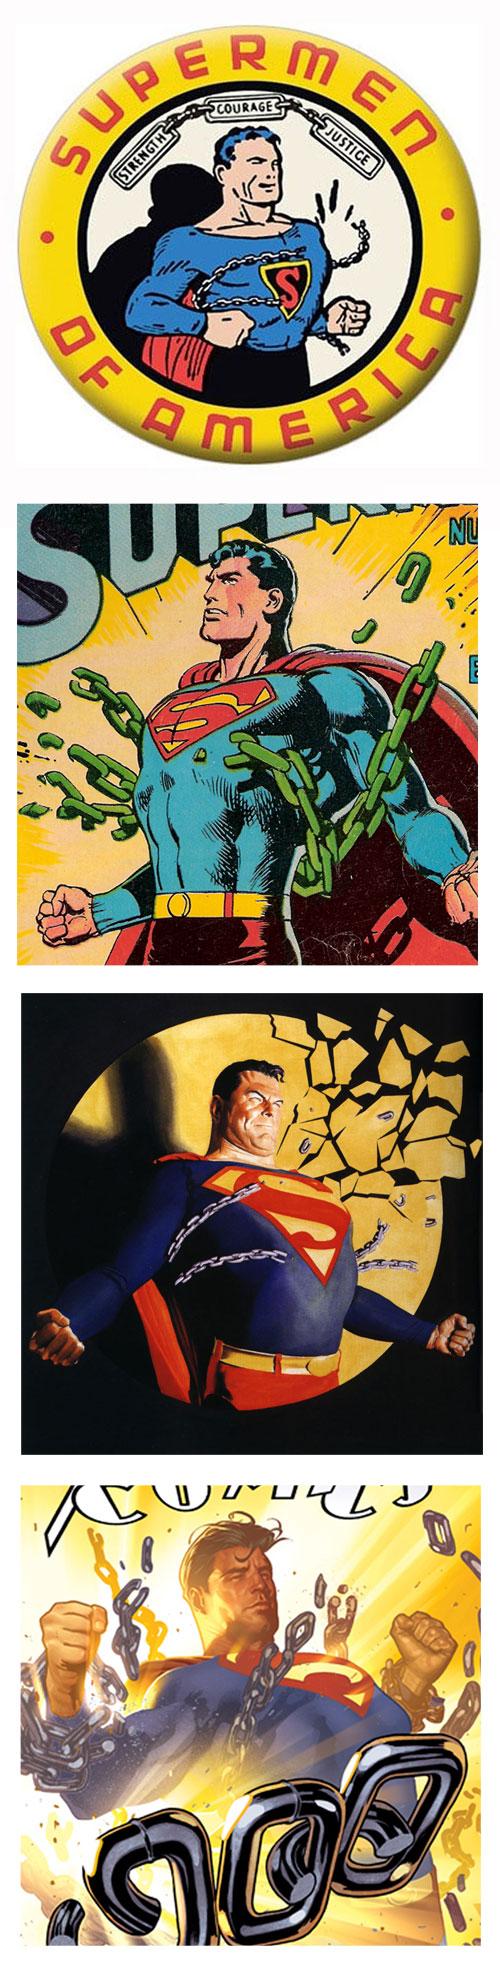 Superman-comparison